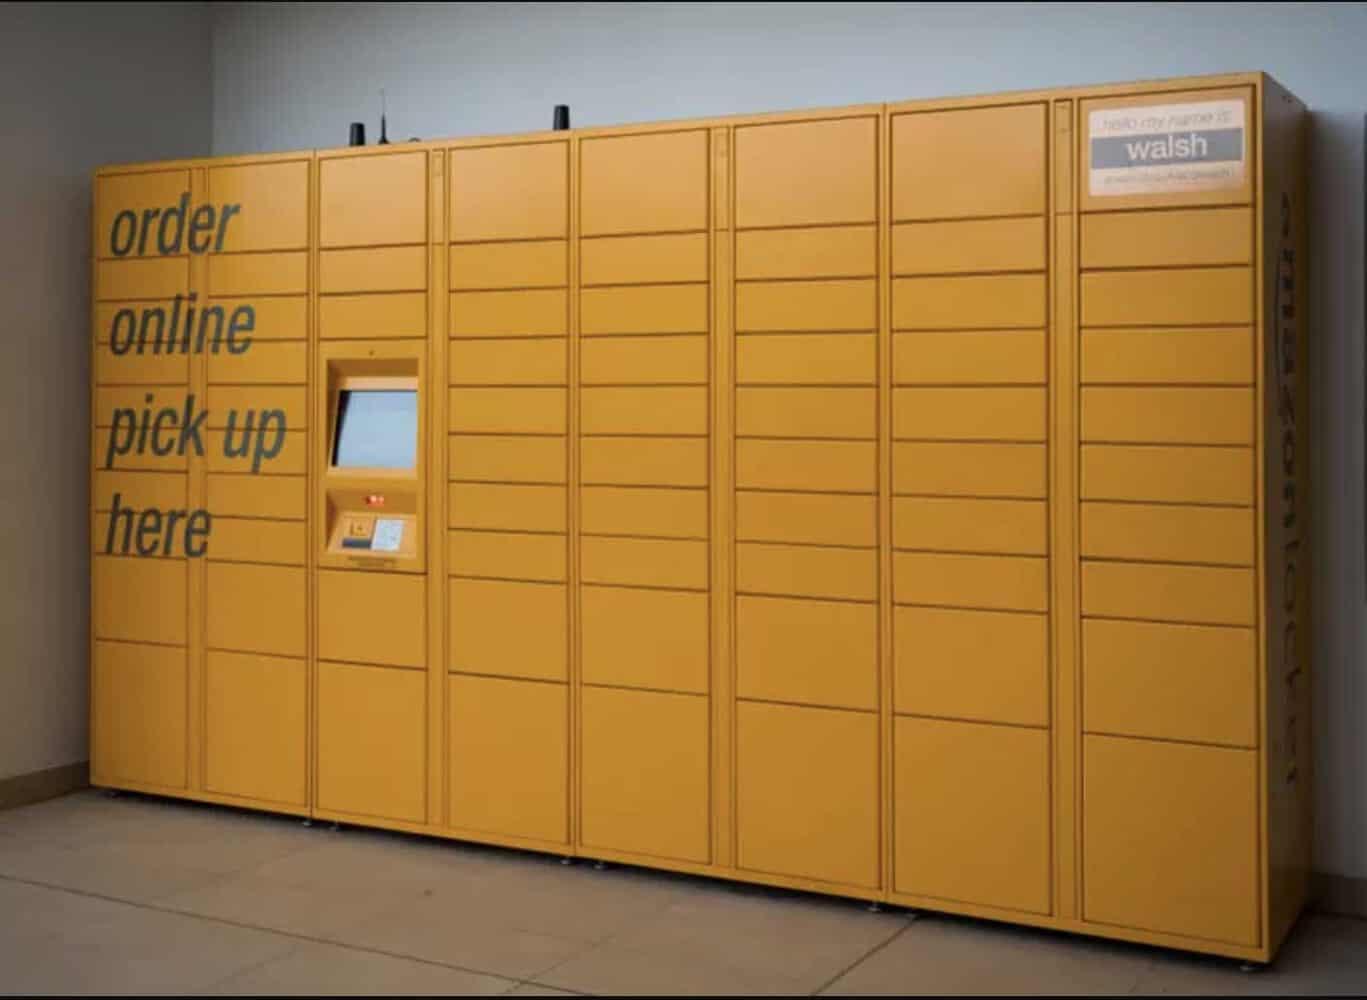 amazon locker located in a store